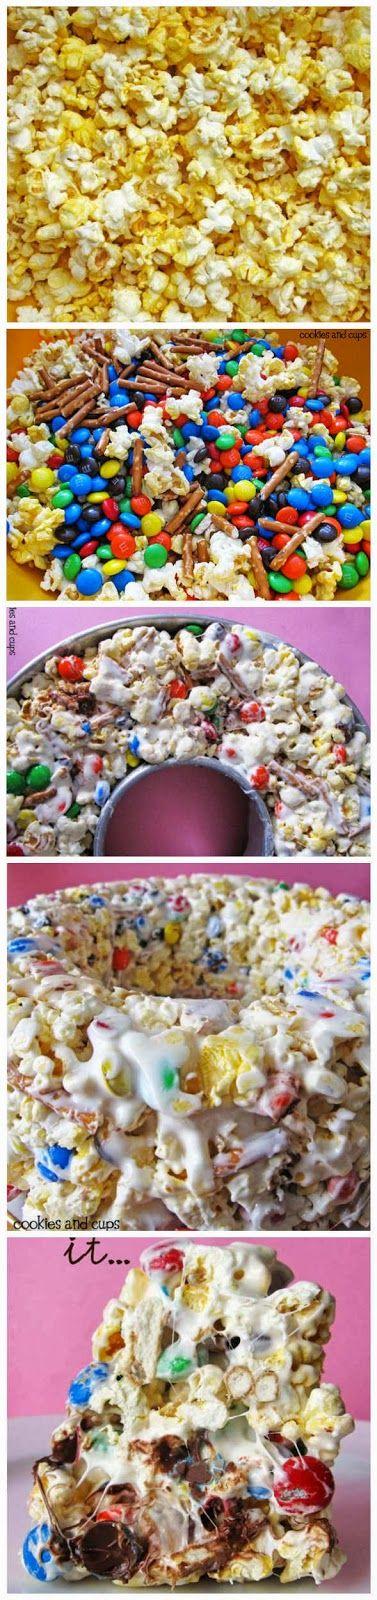 Ингредиенты 2 пакетика попкорна (или около пяти литров попкорна) 1 Кубок М&MS 1 стакан соленого арахиса 1 ½ чашки арахисового батончика штук 13 унций...